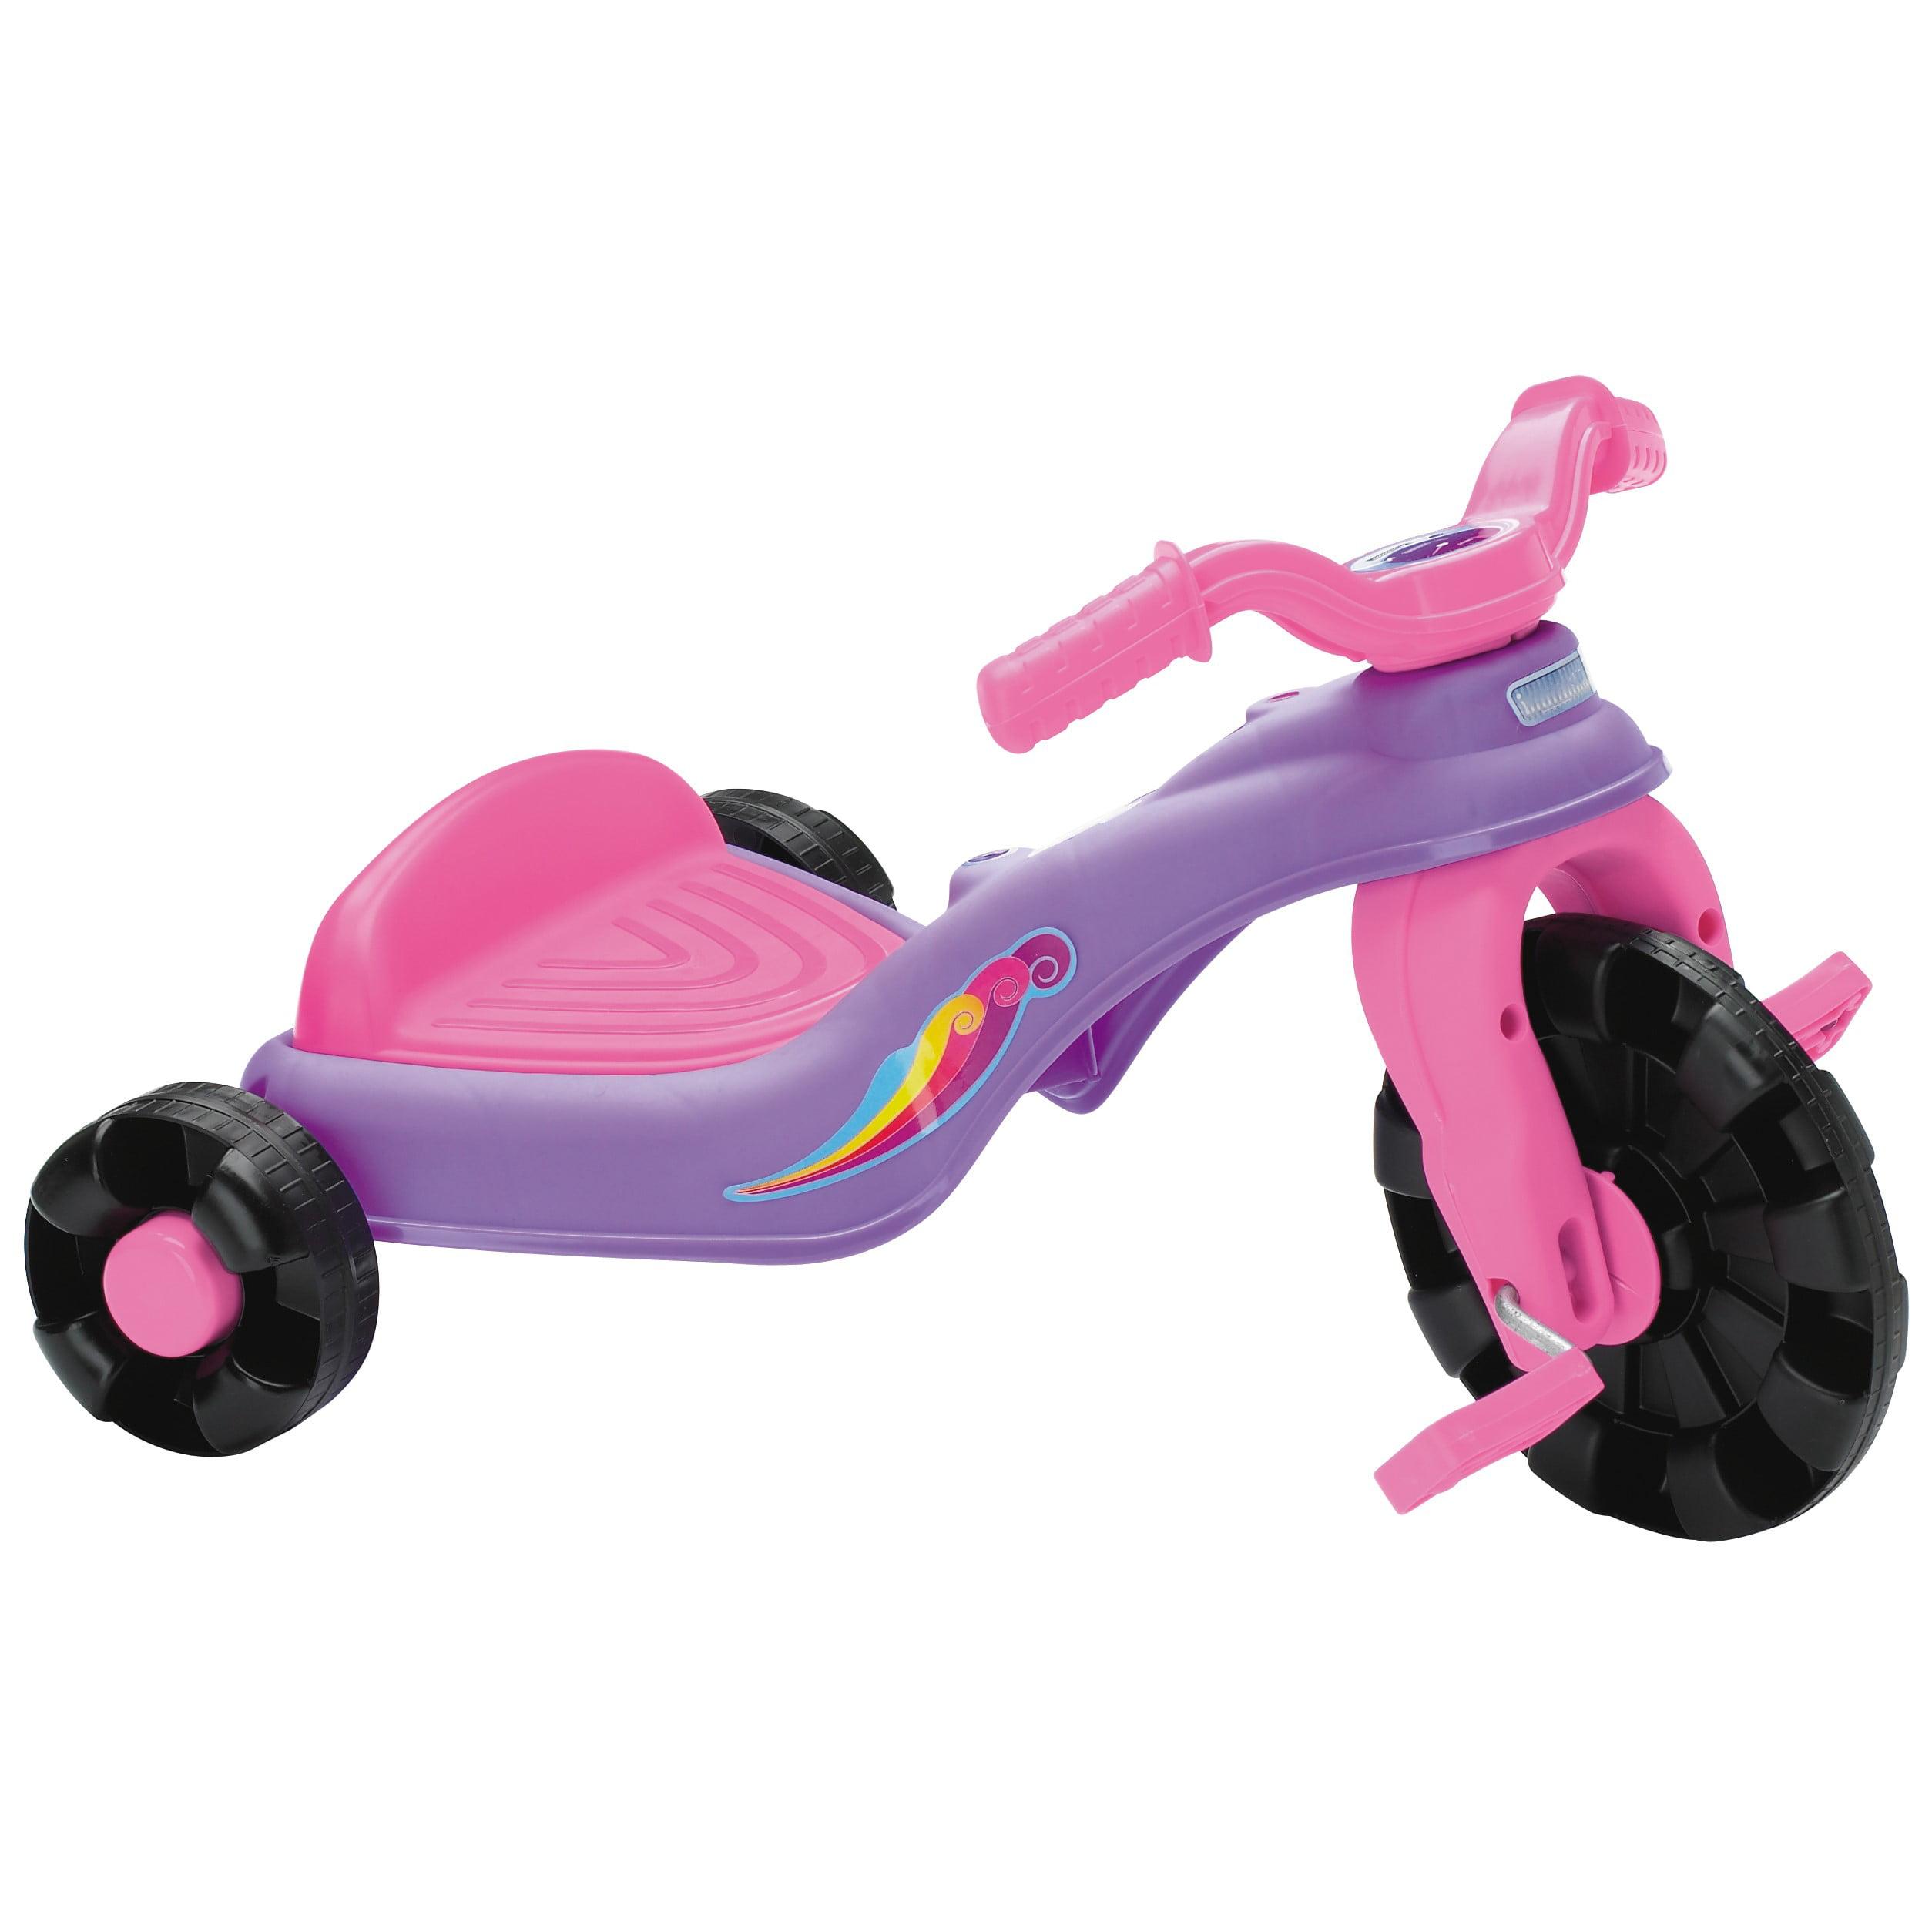 American Plastic Toys Sweet Petitie Trike